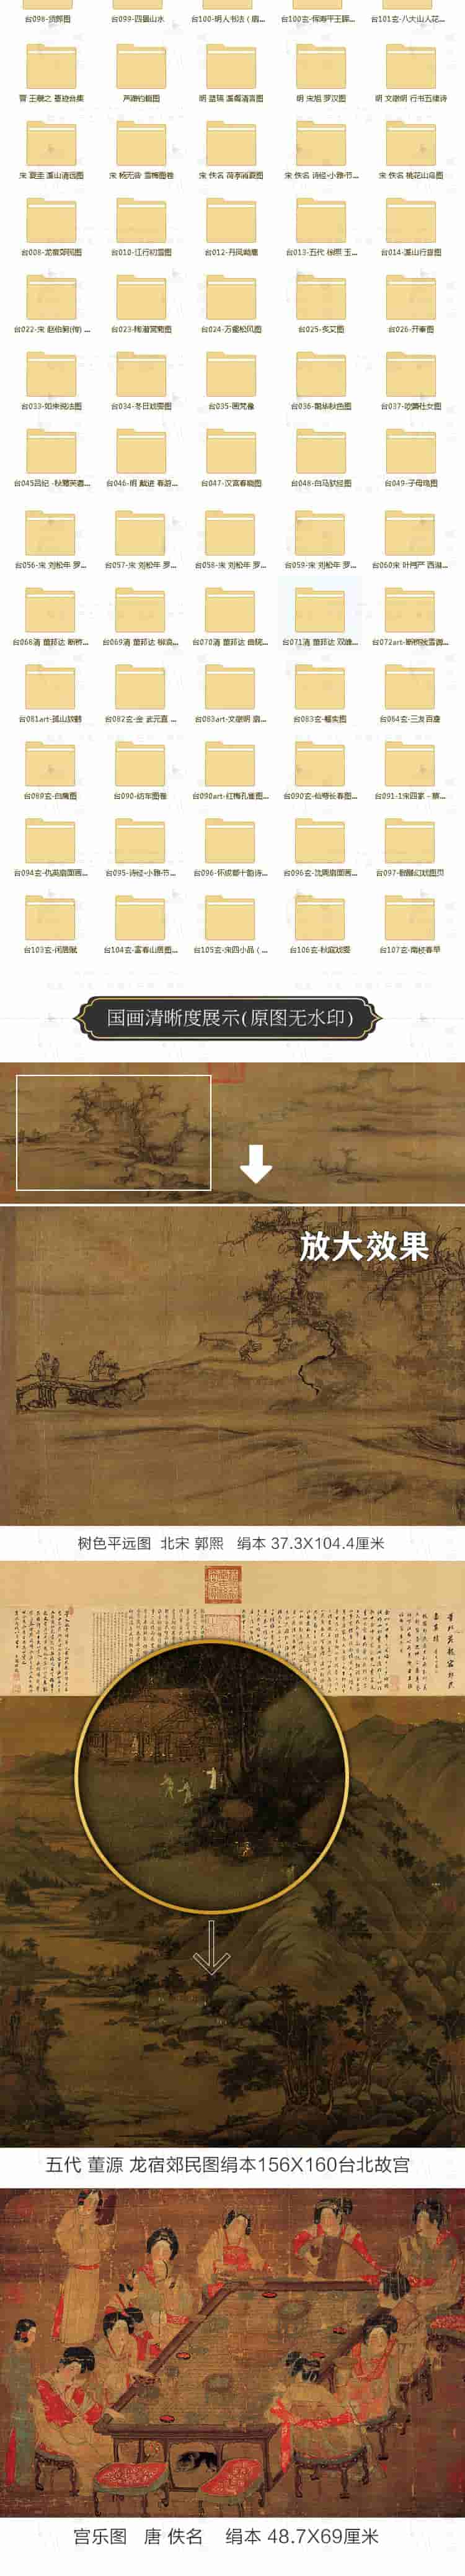 中外馆藏国画大全合集喷绘画芯微喷打印装饰电子高清图片素材3217插图(4)